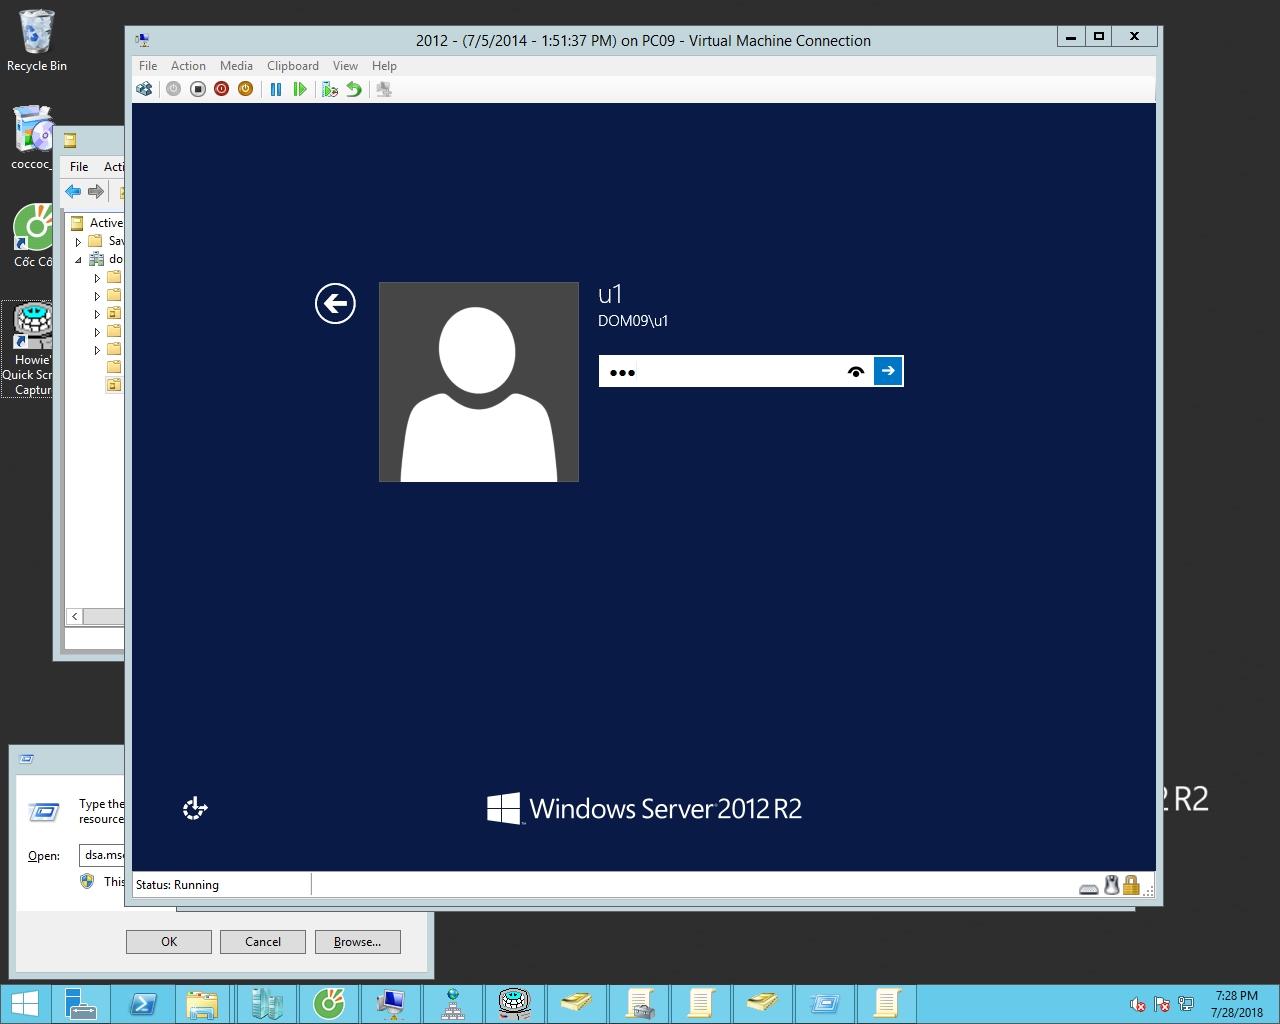 quản trị tài nguyên mạng - home folder 3